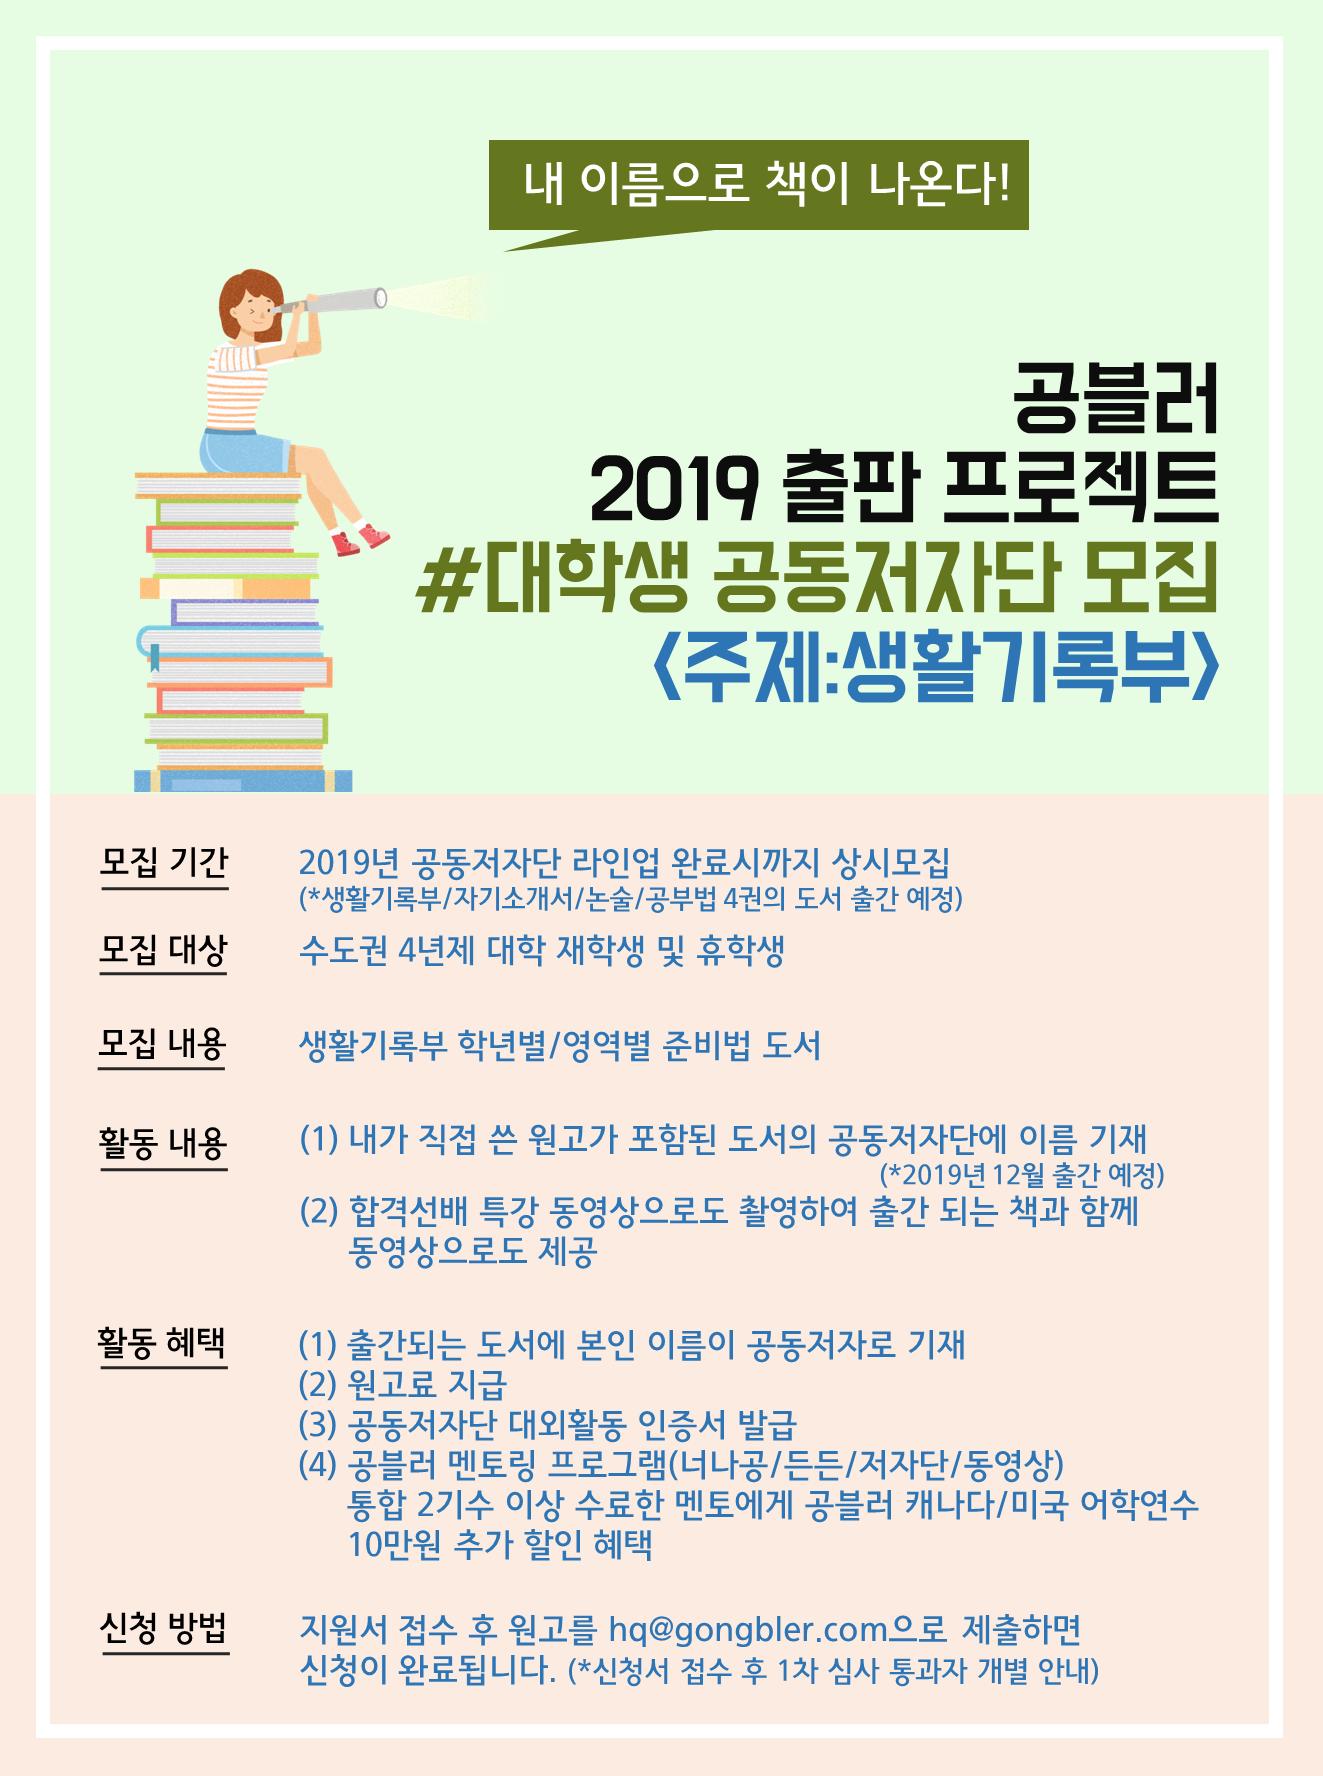 [공블러] 2019 출판프로젝트 공동 저자단 모집(주제:생활기록부)